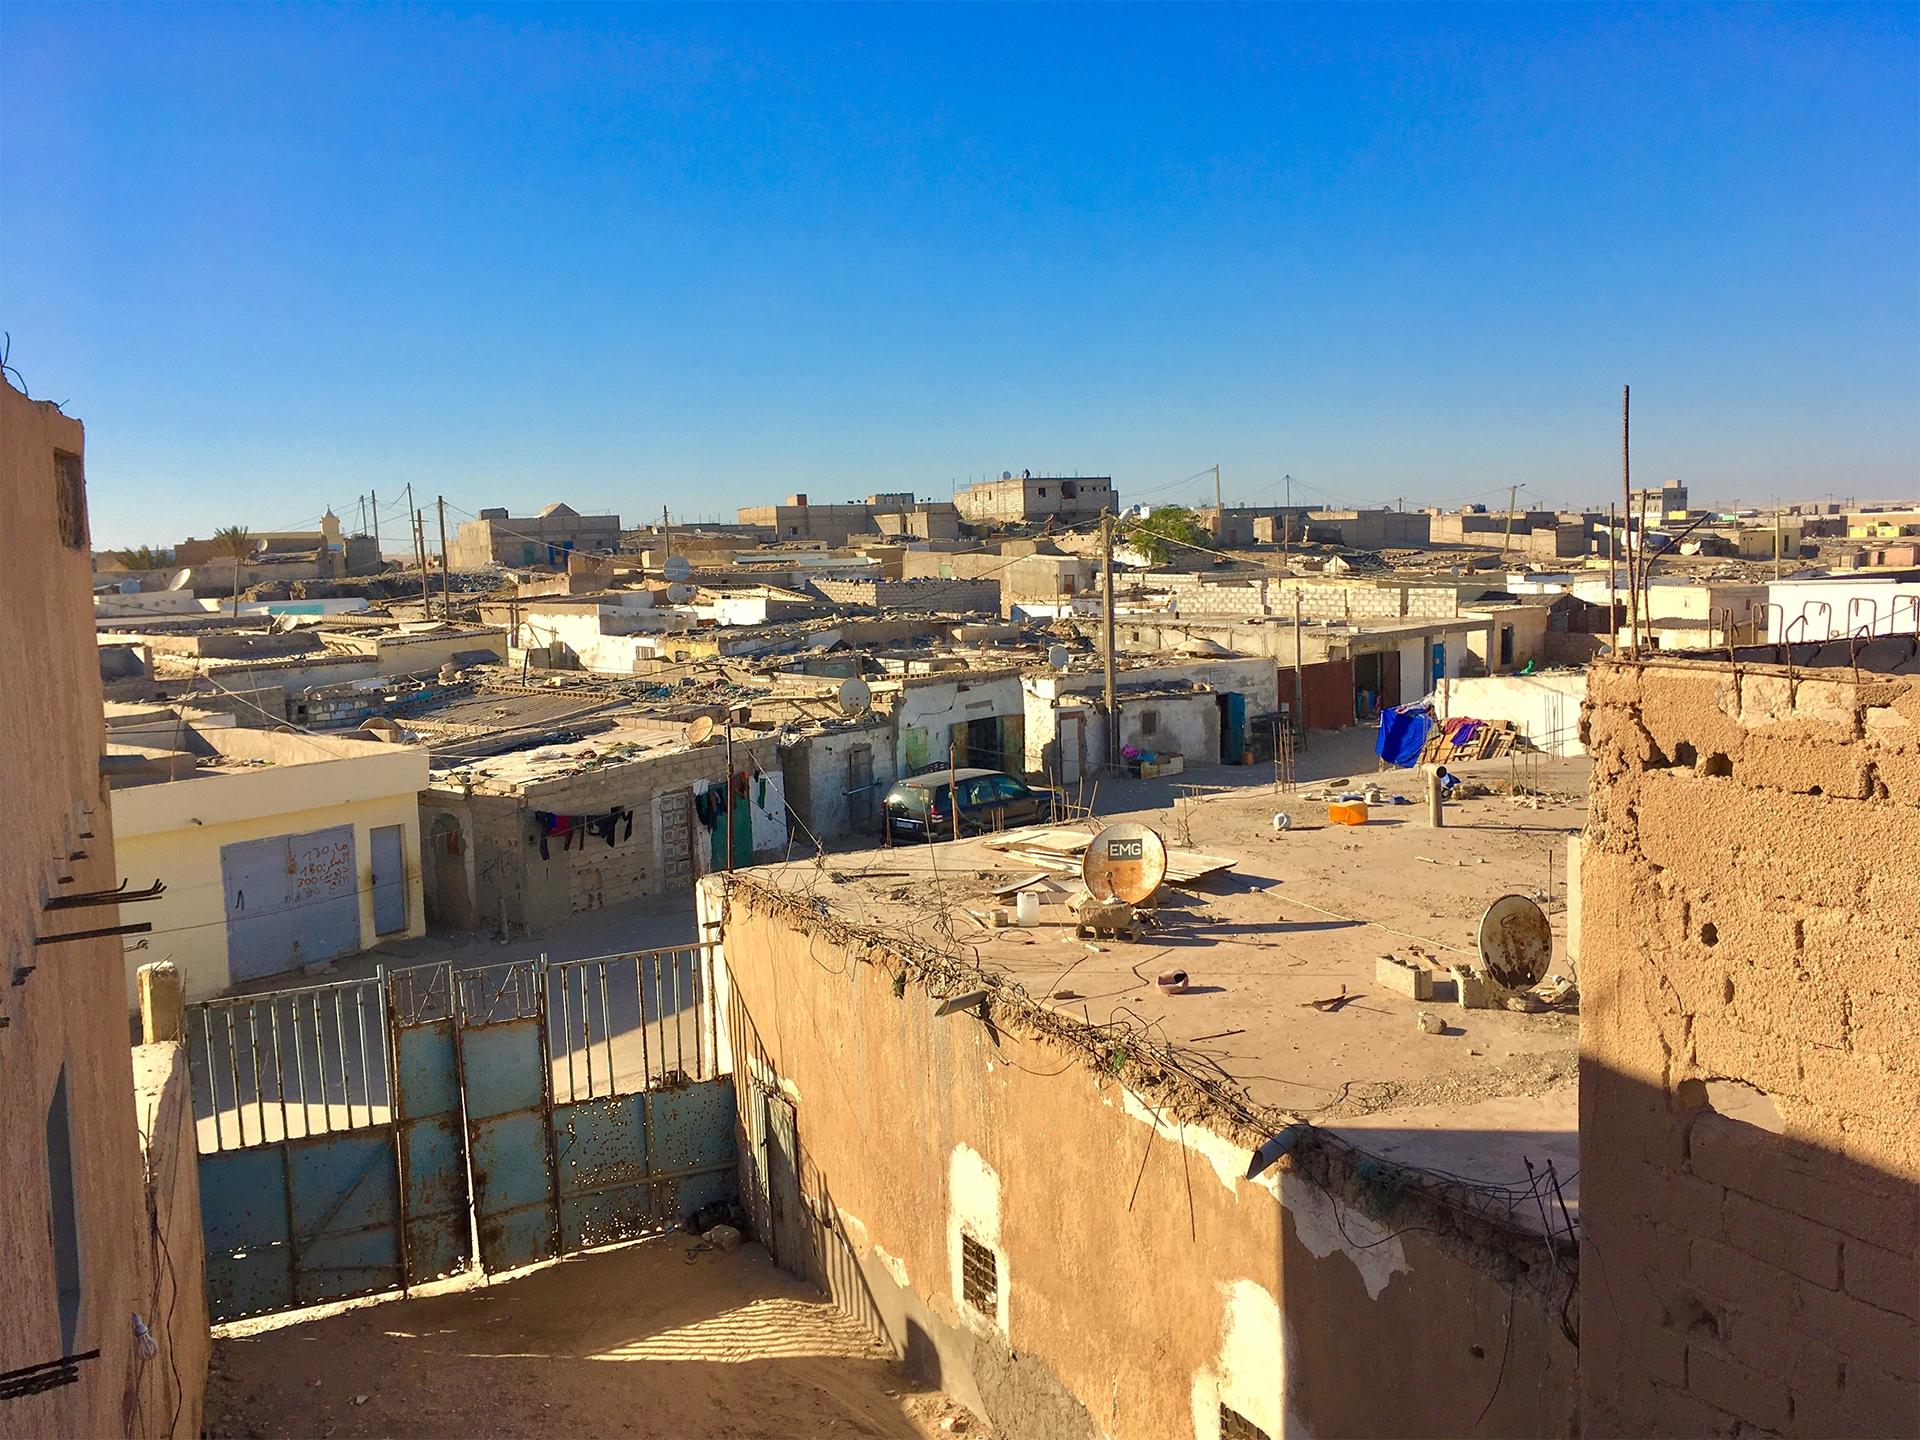 barrio albergue sahara nouadhibou pablocaminante - Mauritania 1/5, Nouadhibou